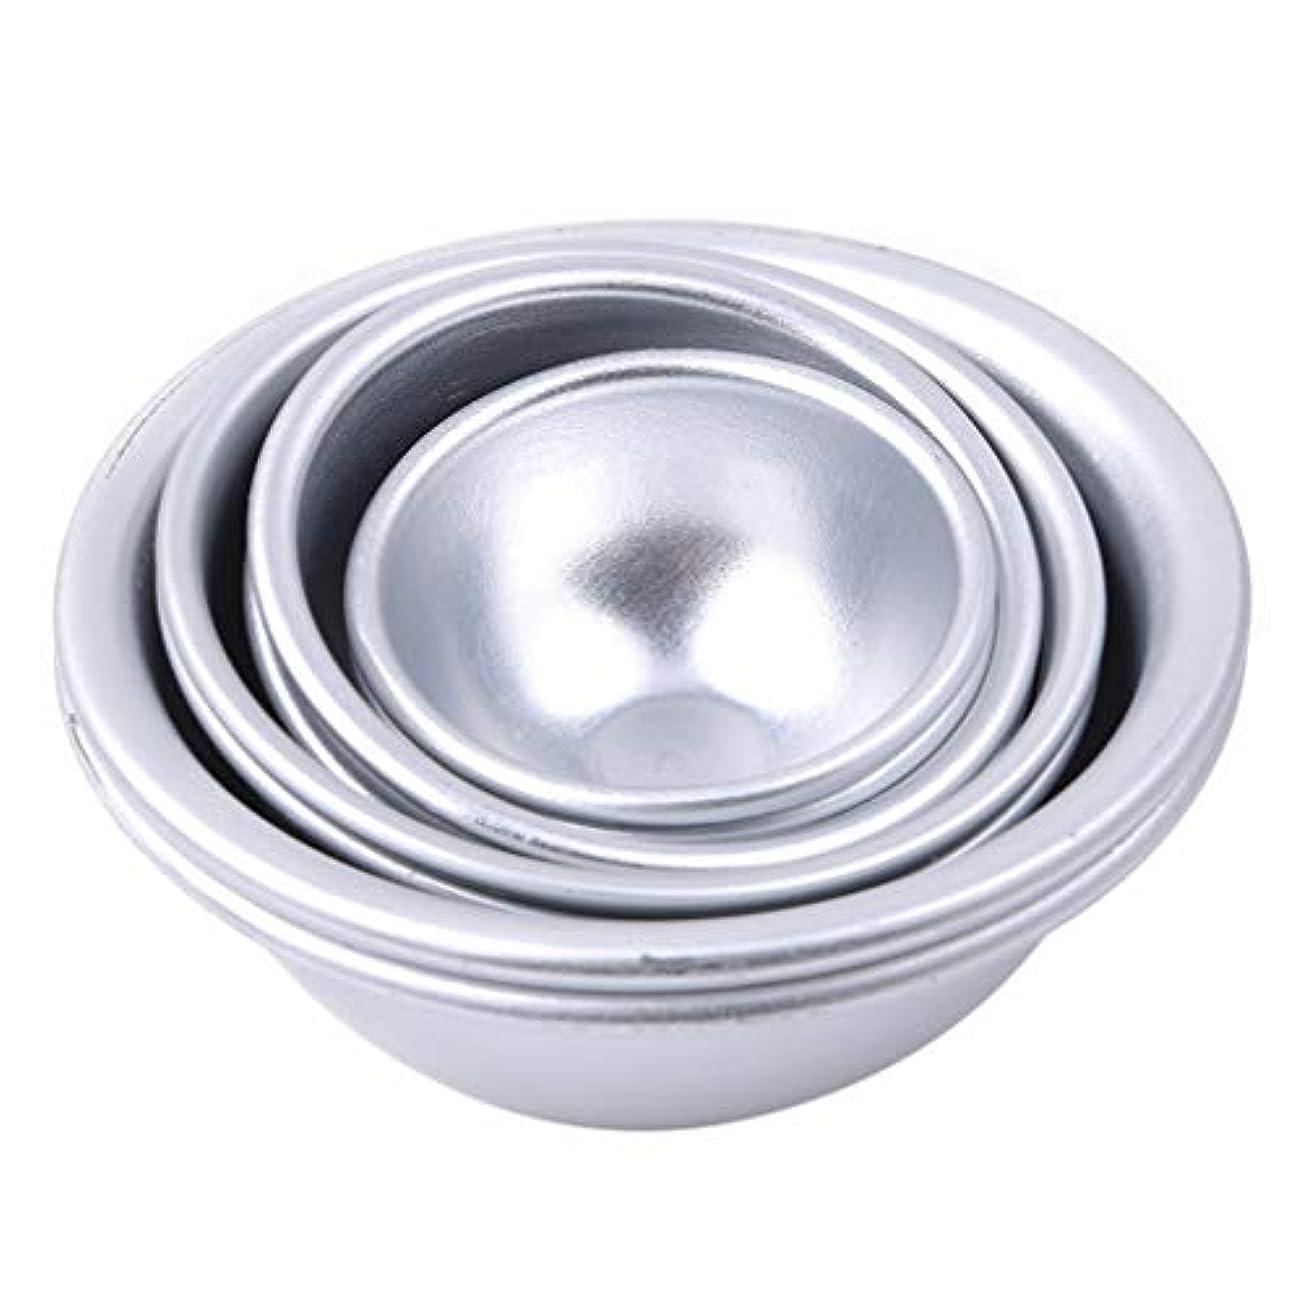 無意識動脈ピークToporchid Diy風呂ボール型アルミ合金入浴ボール手作り石鹸ケーキパンベーキングモールドペストリー作りツール(style2)